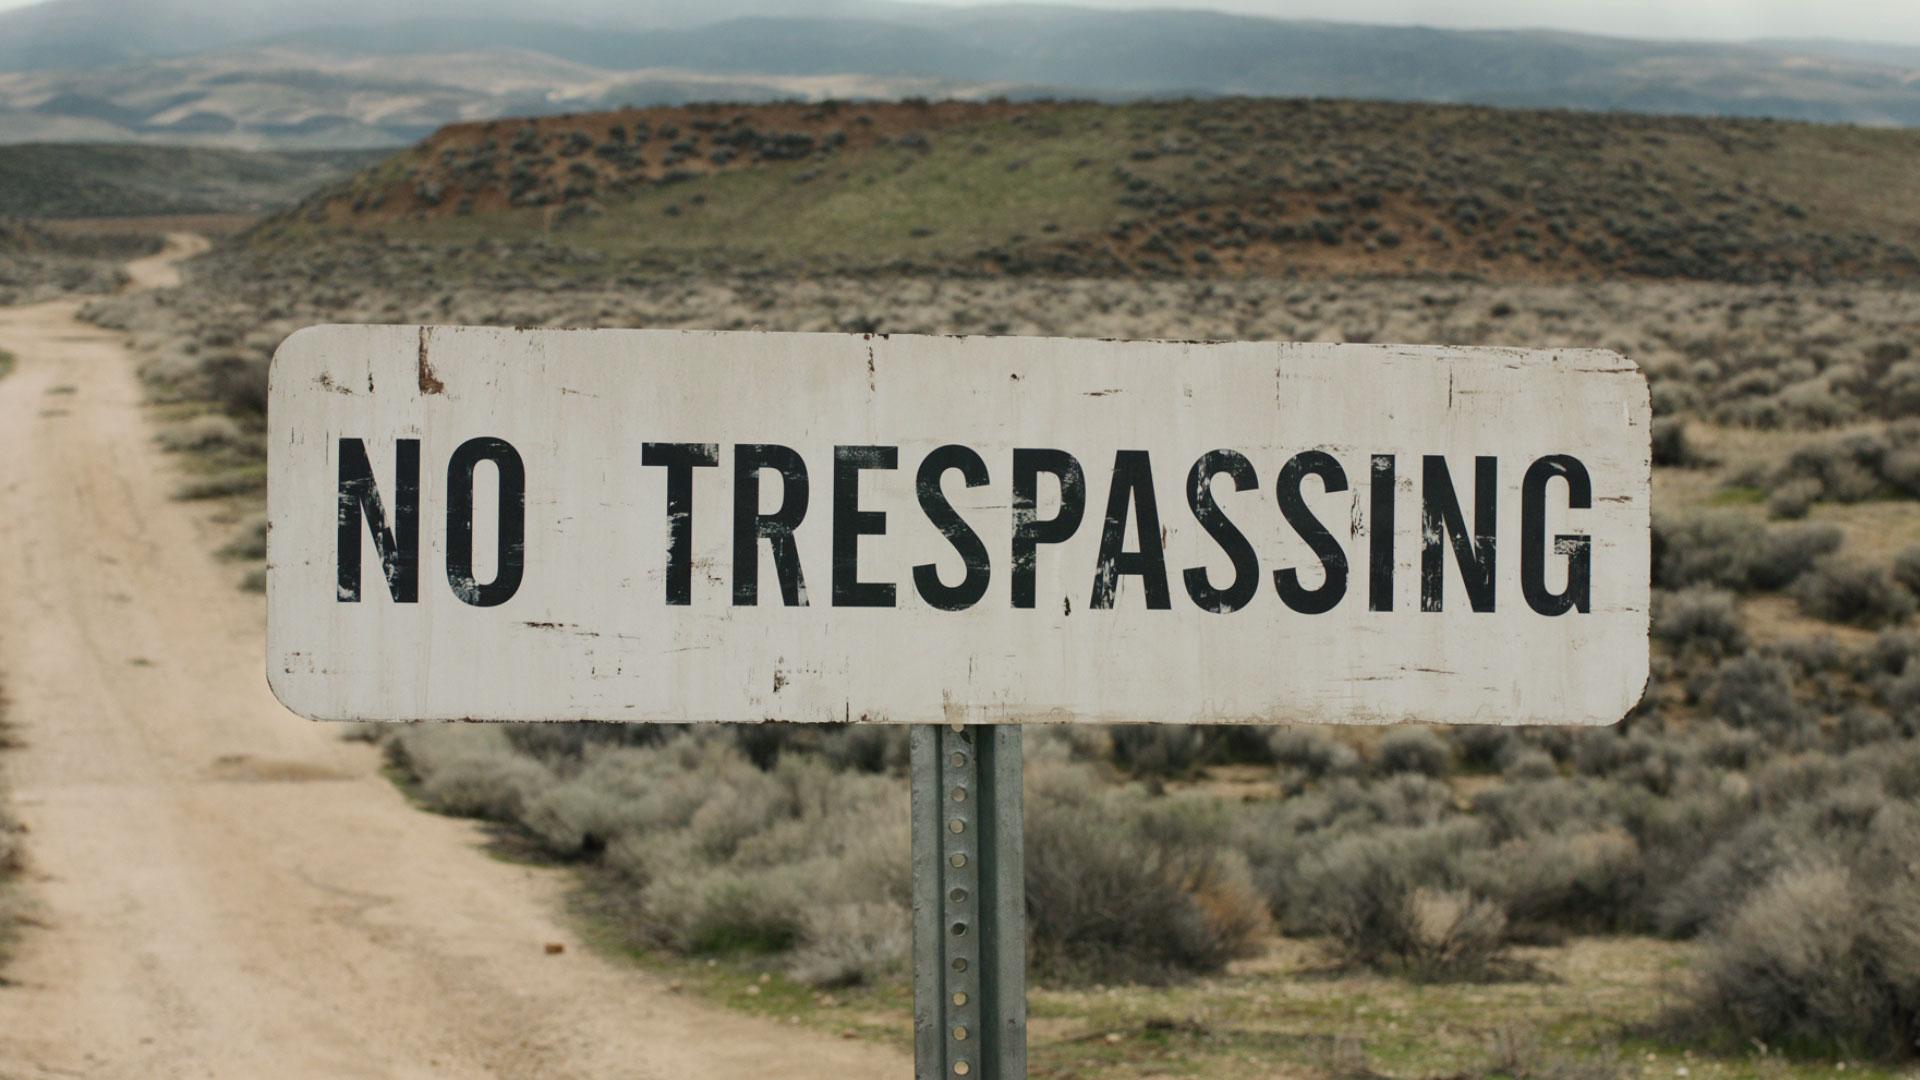 text outdoor sign grass mountain sky billboard desert handwriting traffic sign dirt